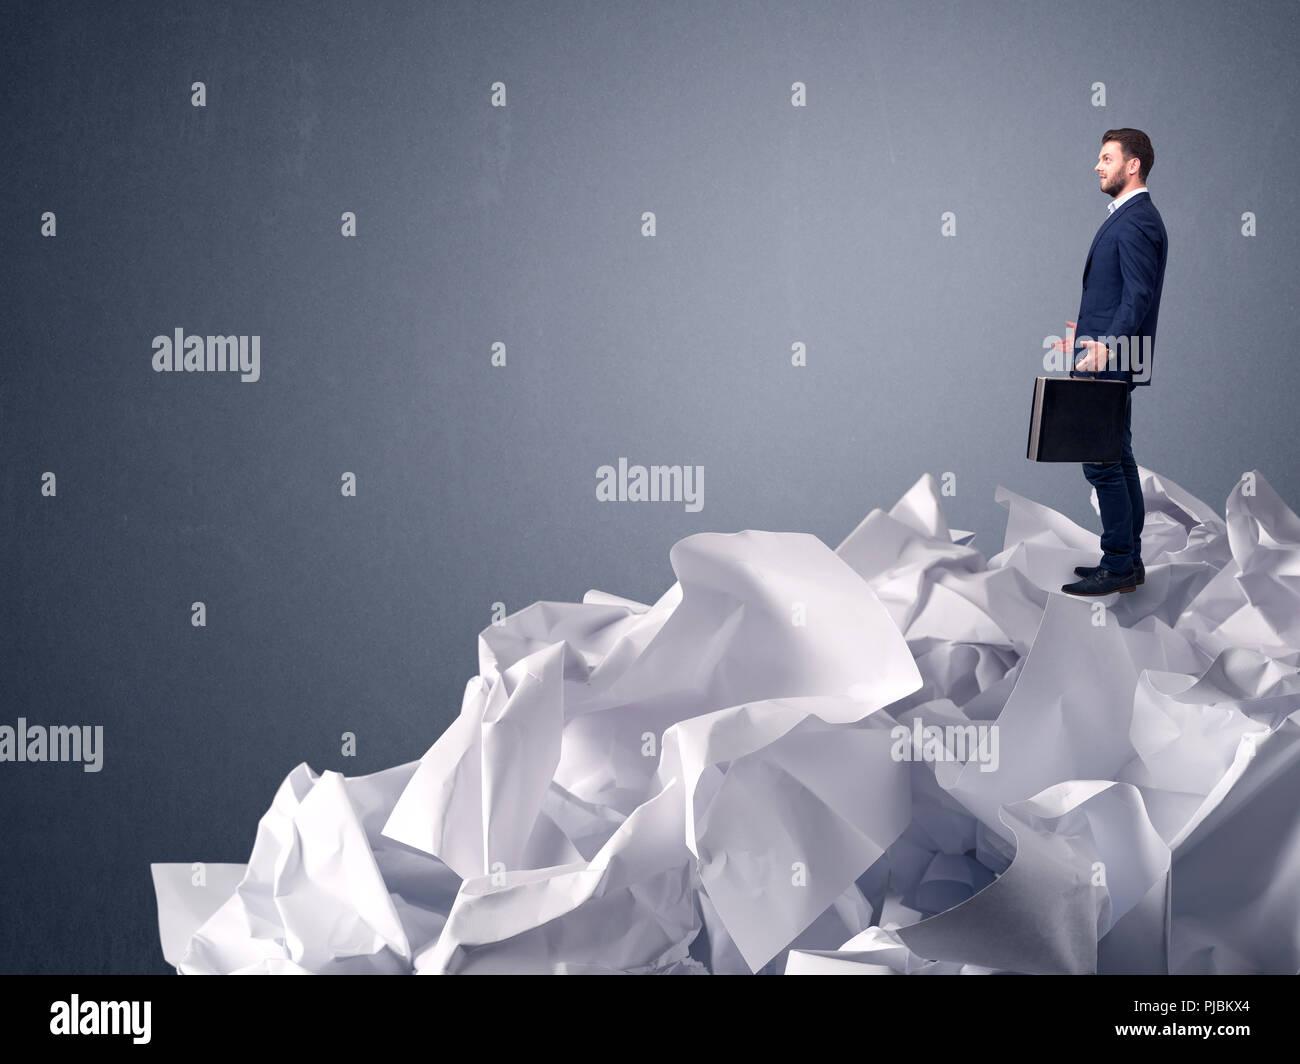 Young businessman standing sur une pile de papier froissé avec un fond gris clair Photo Stock